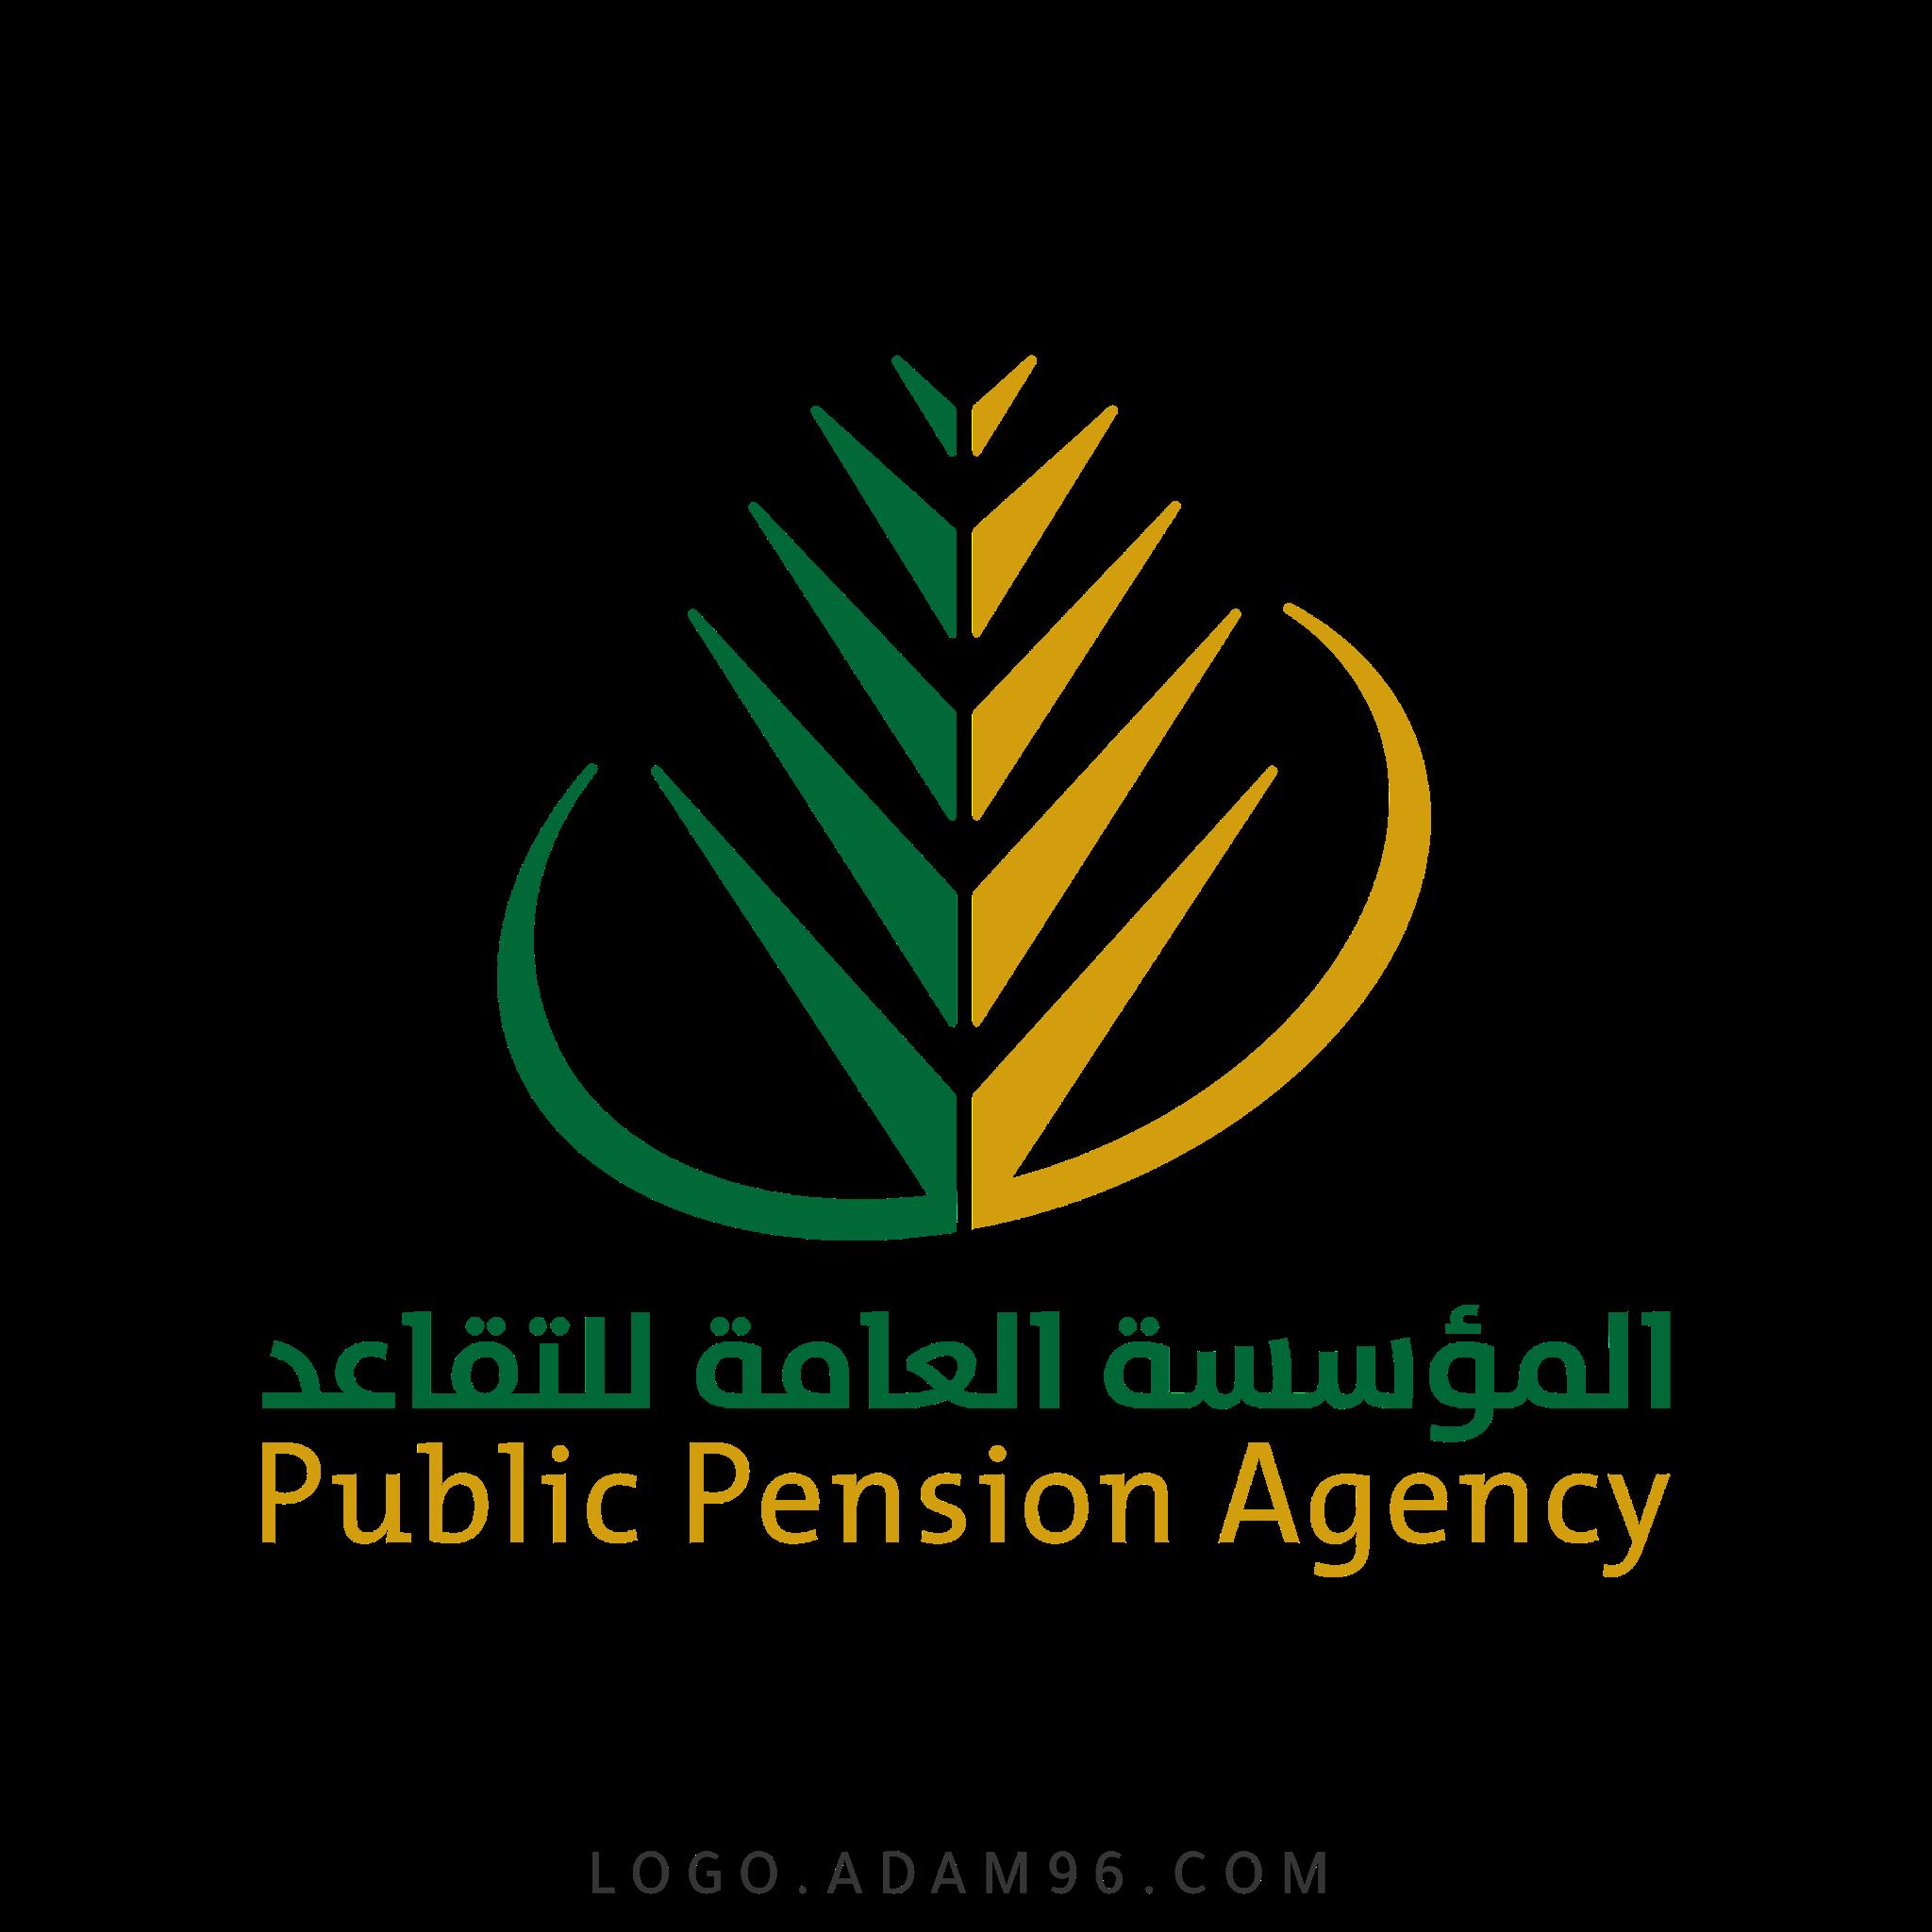 تحميل شعار المؤسسة العامة للتقاعد السعودية لوجو الرسمي عالي الجودة PNG